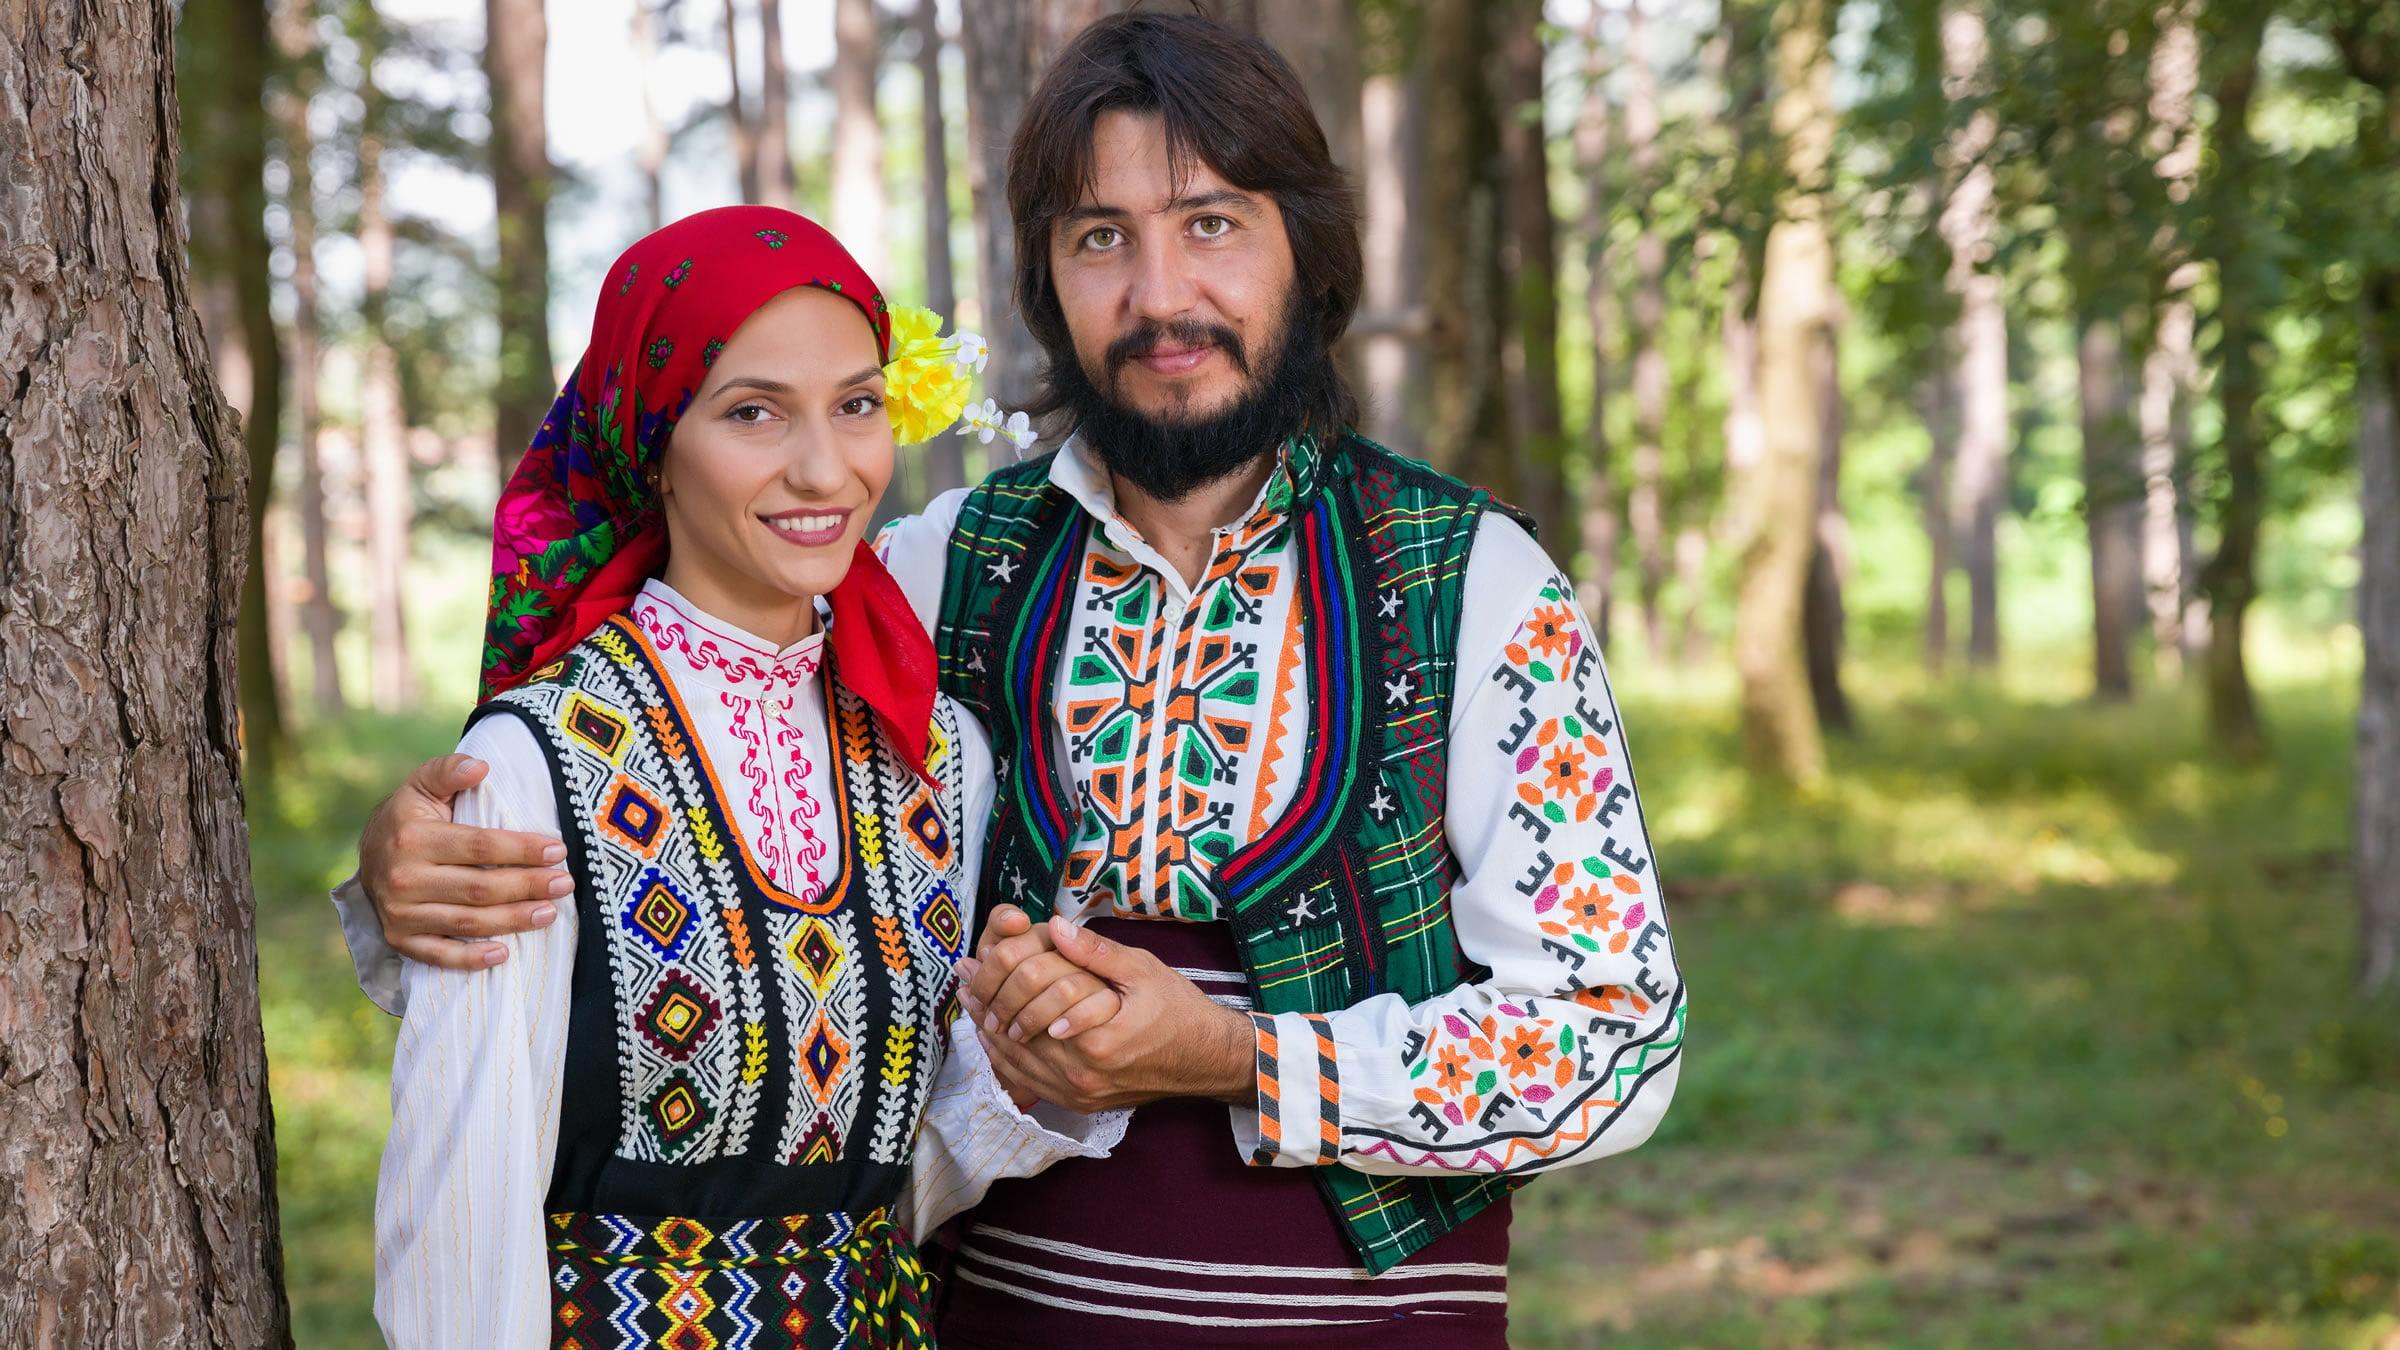 Cómo Es La Vestimenta Típica Europea Para Hombre Y Mujer